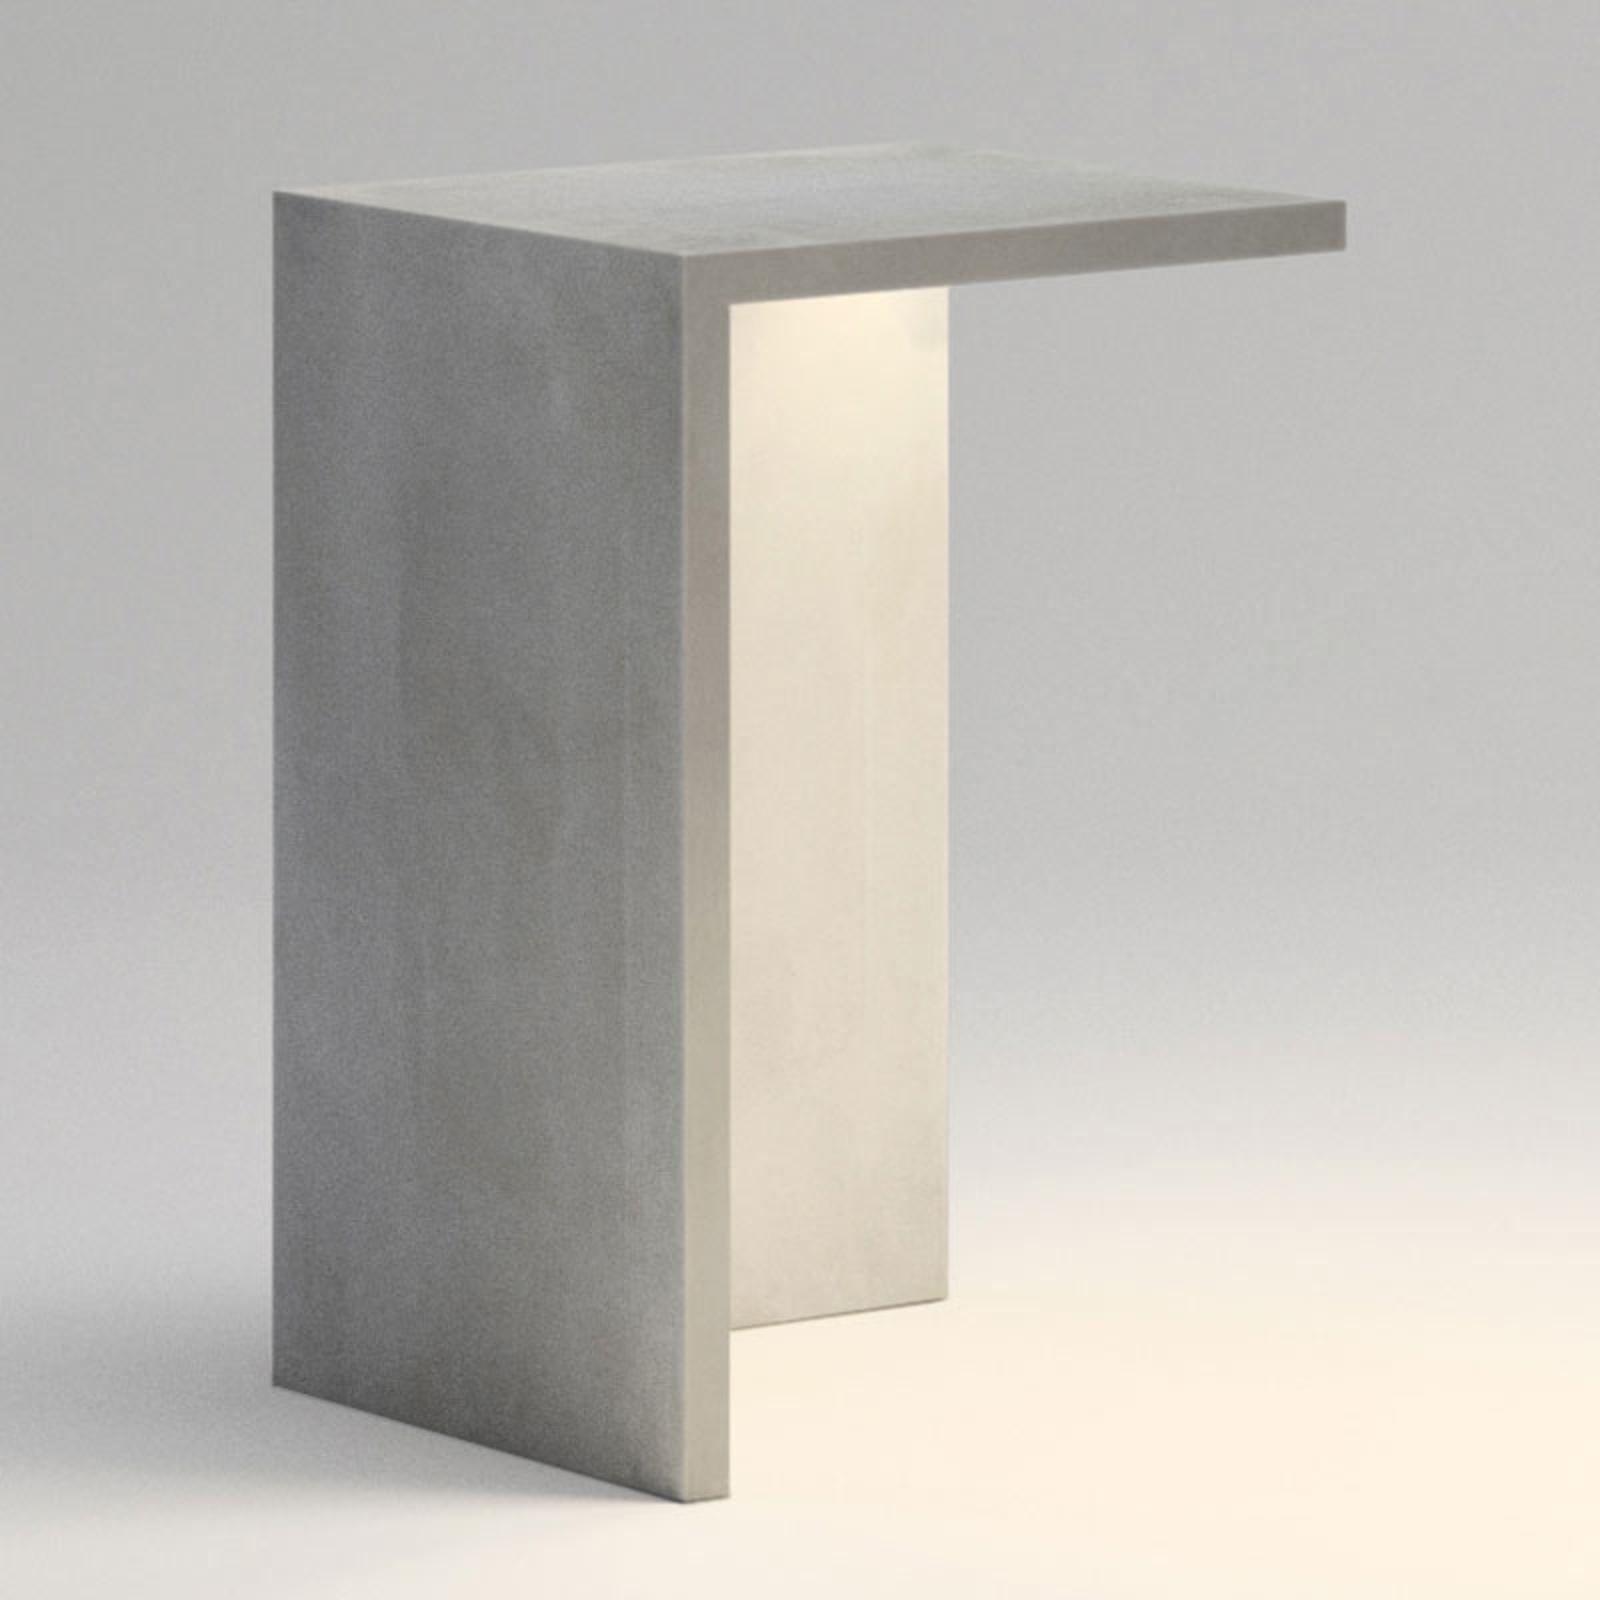 Vibia Empty 4130 Außenleuchte aus Beton, 70 cm